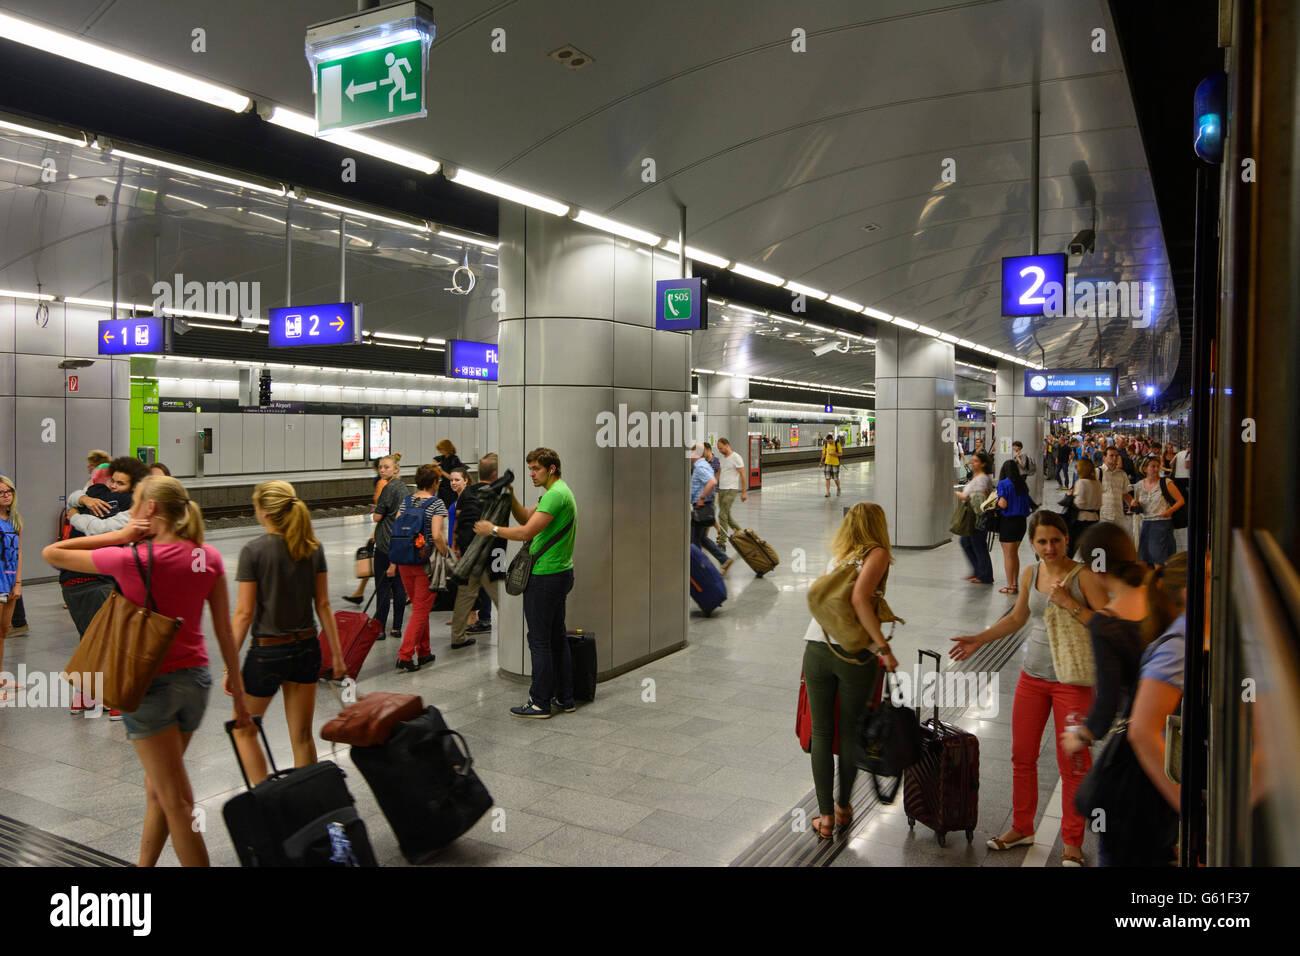 sttaion Wien Flughafen, from an S-Bahn ÖBB disembarking passengers, Schwechat, Austria, Niederösterreich, - Stock Image